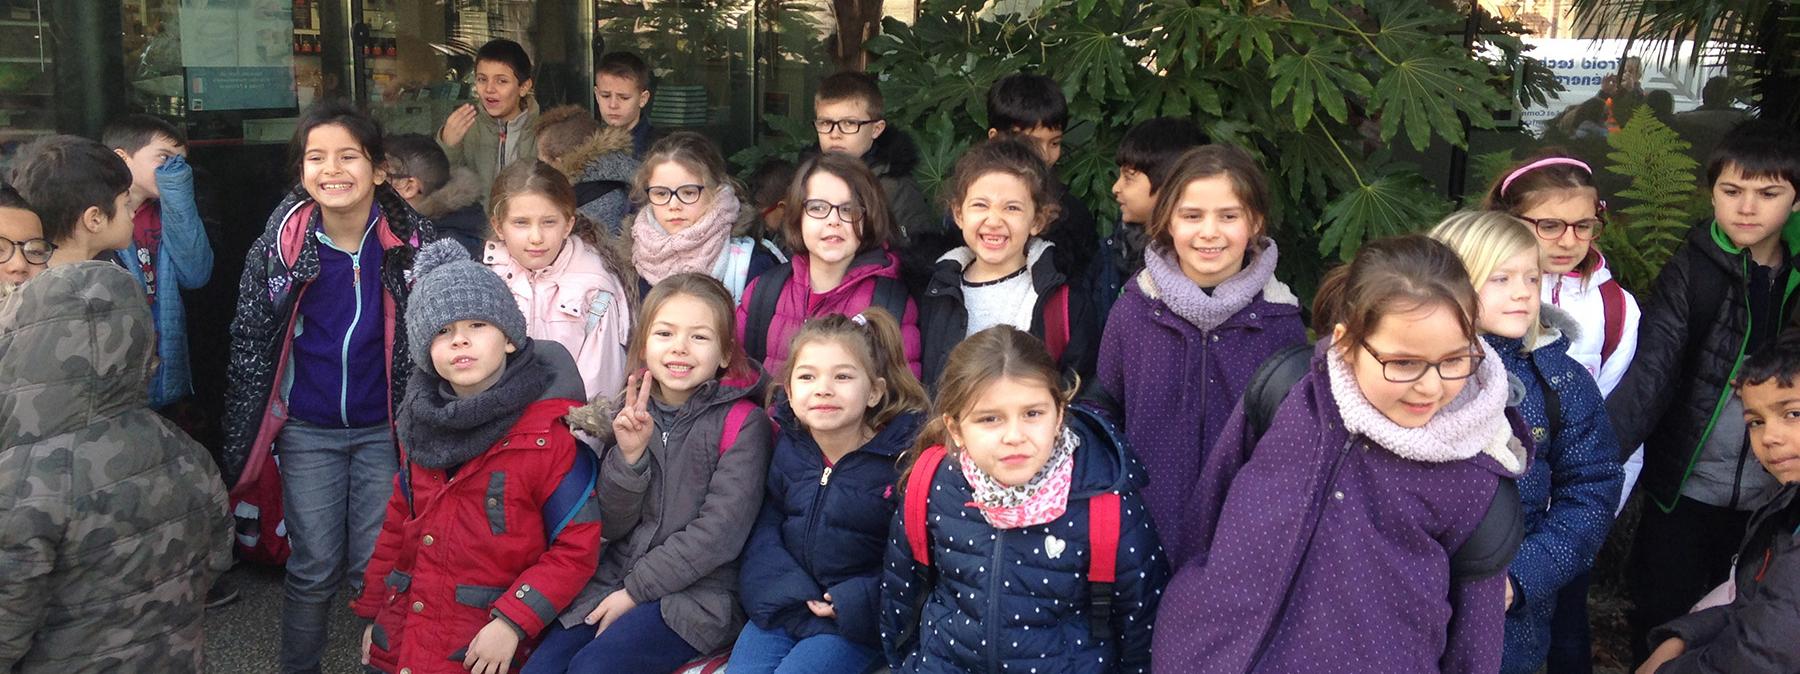 activites-groupes-enfants-ardeche_1800x674_acf_cropped